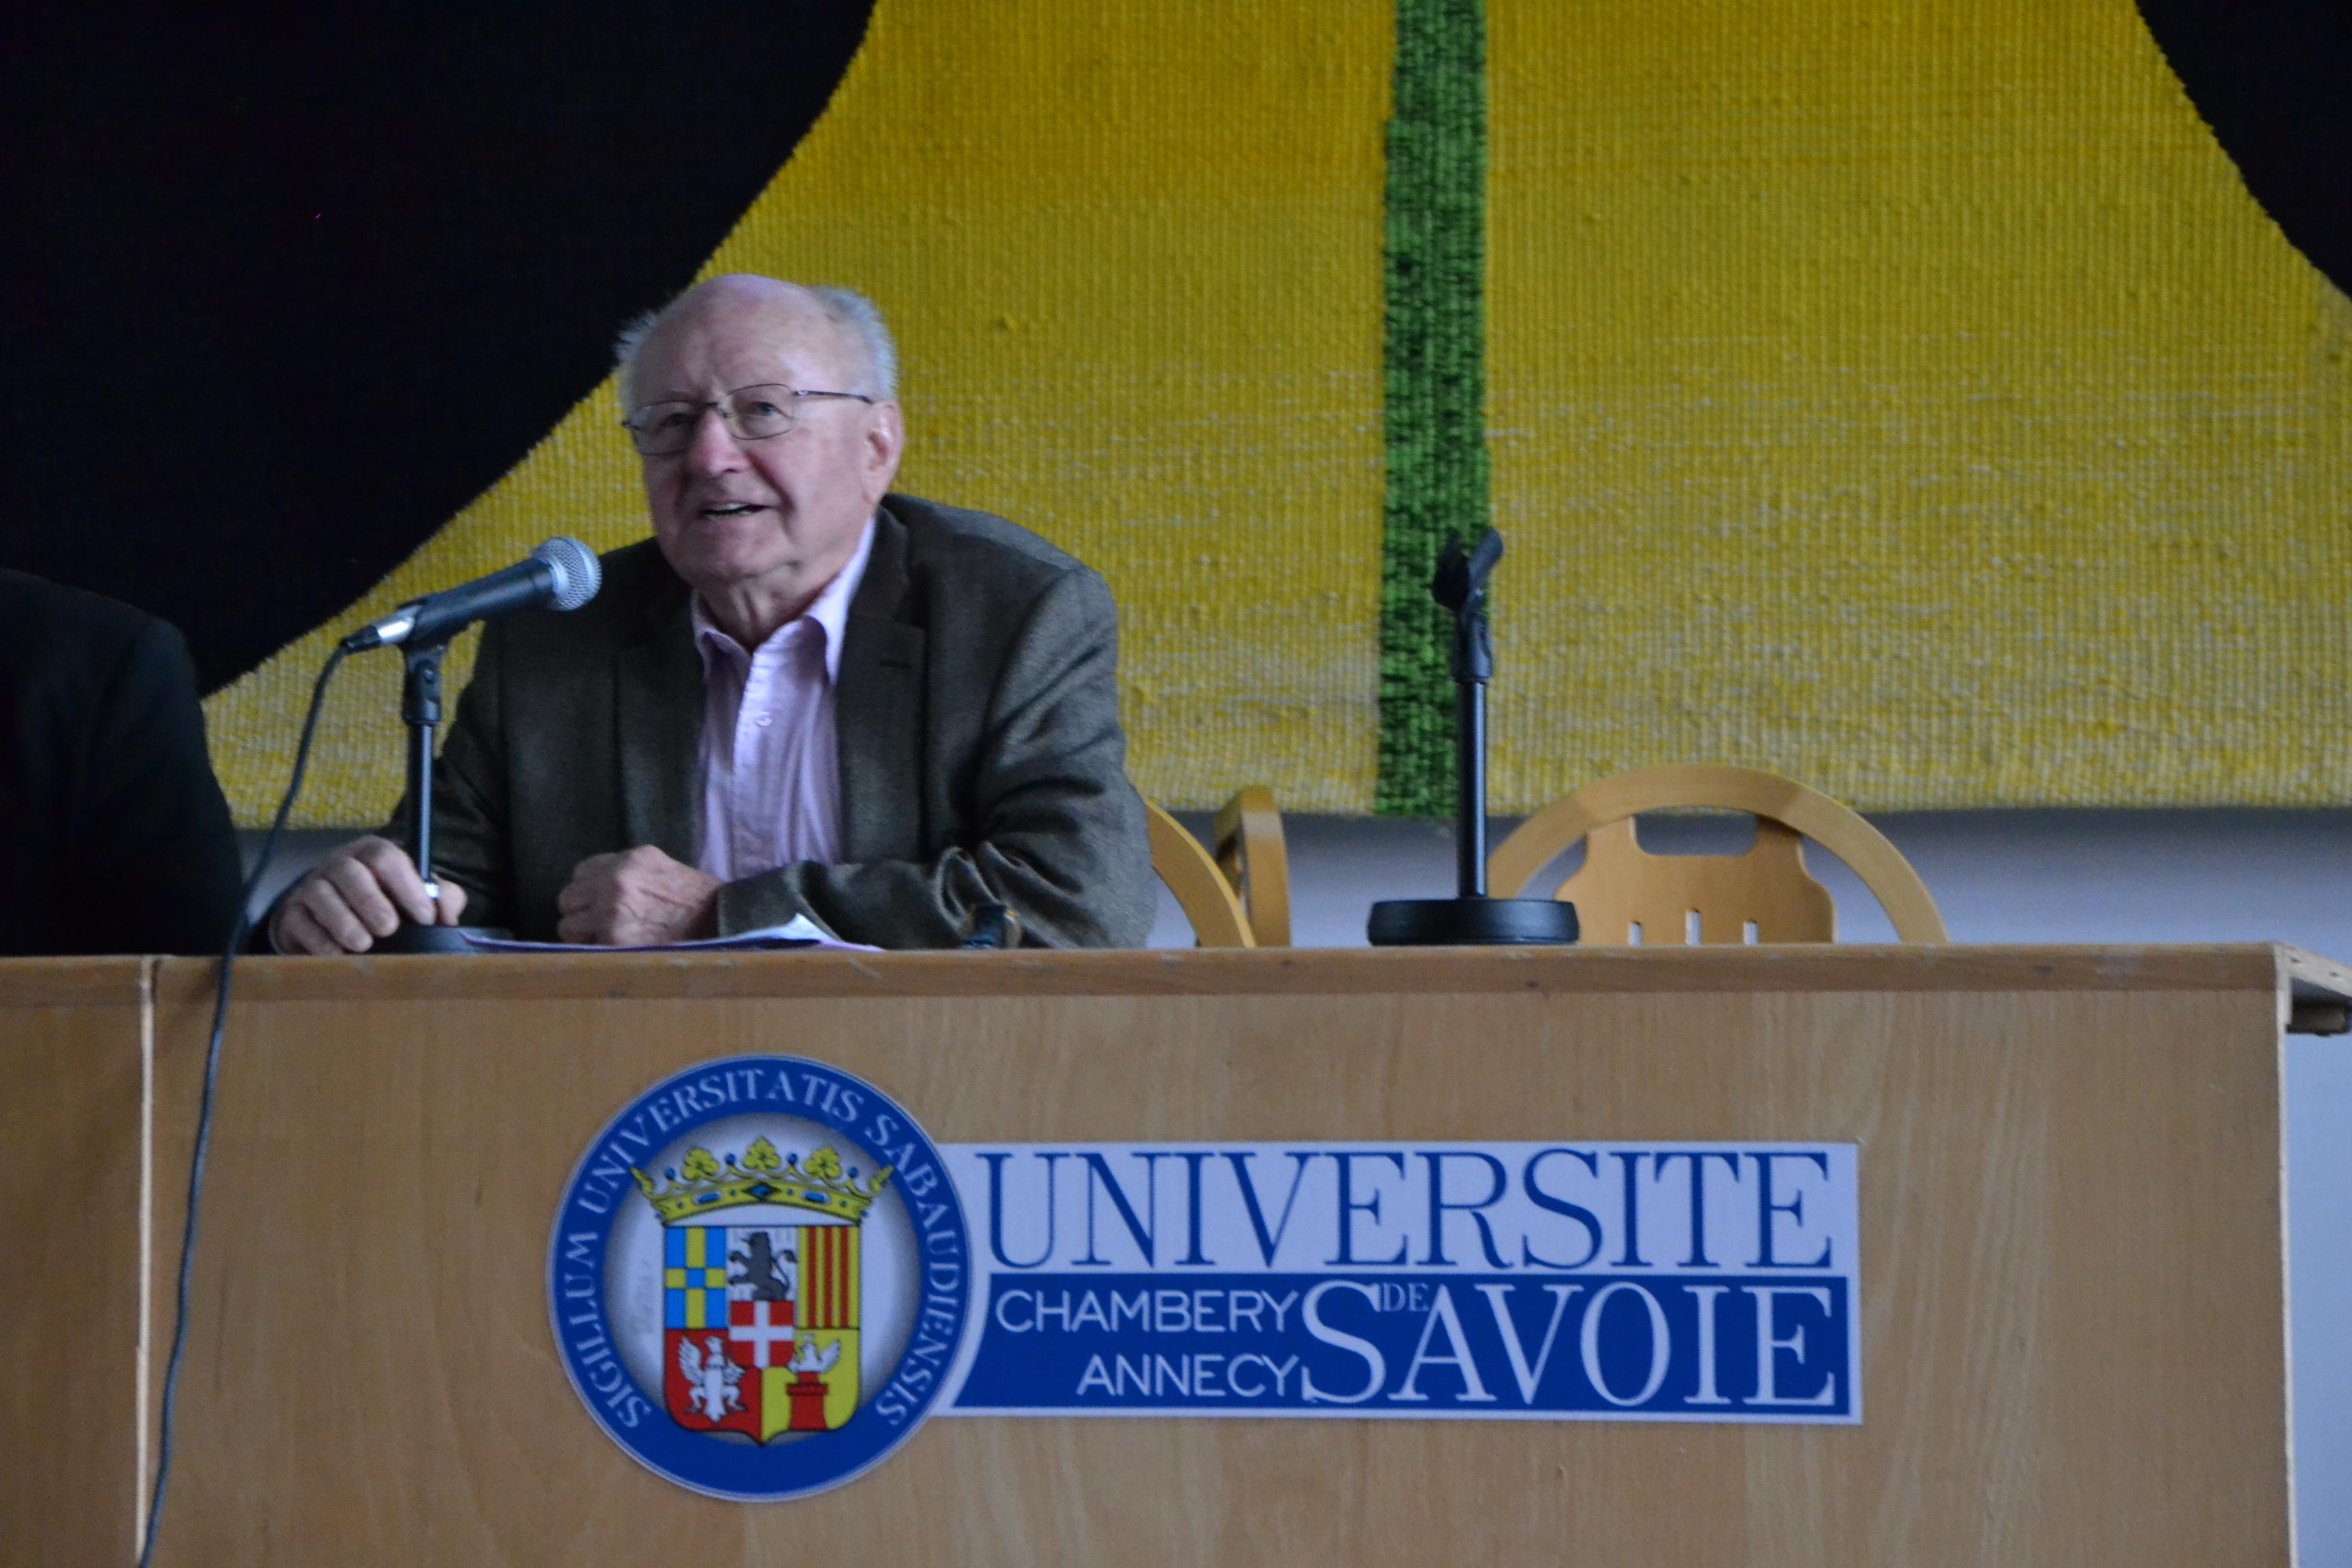 Jean-Pierre Sironneau